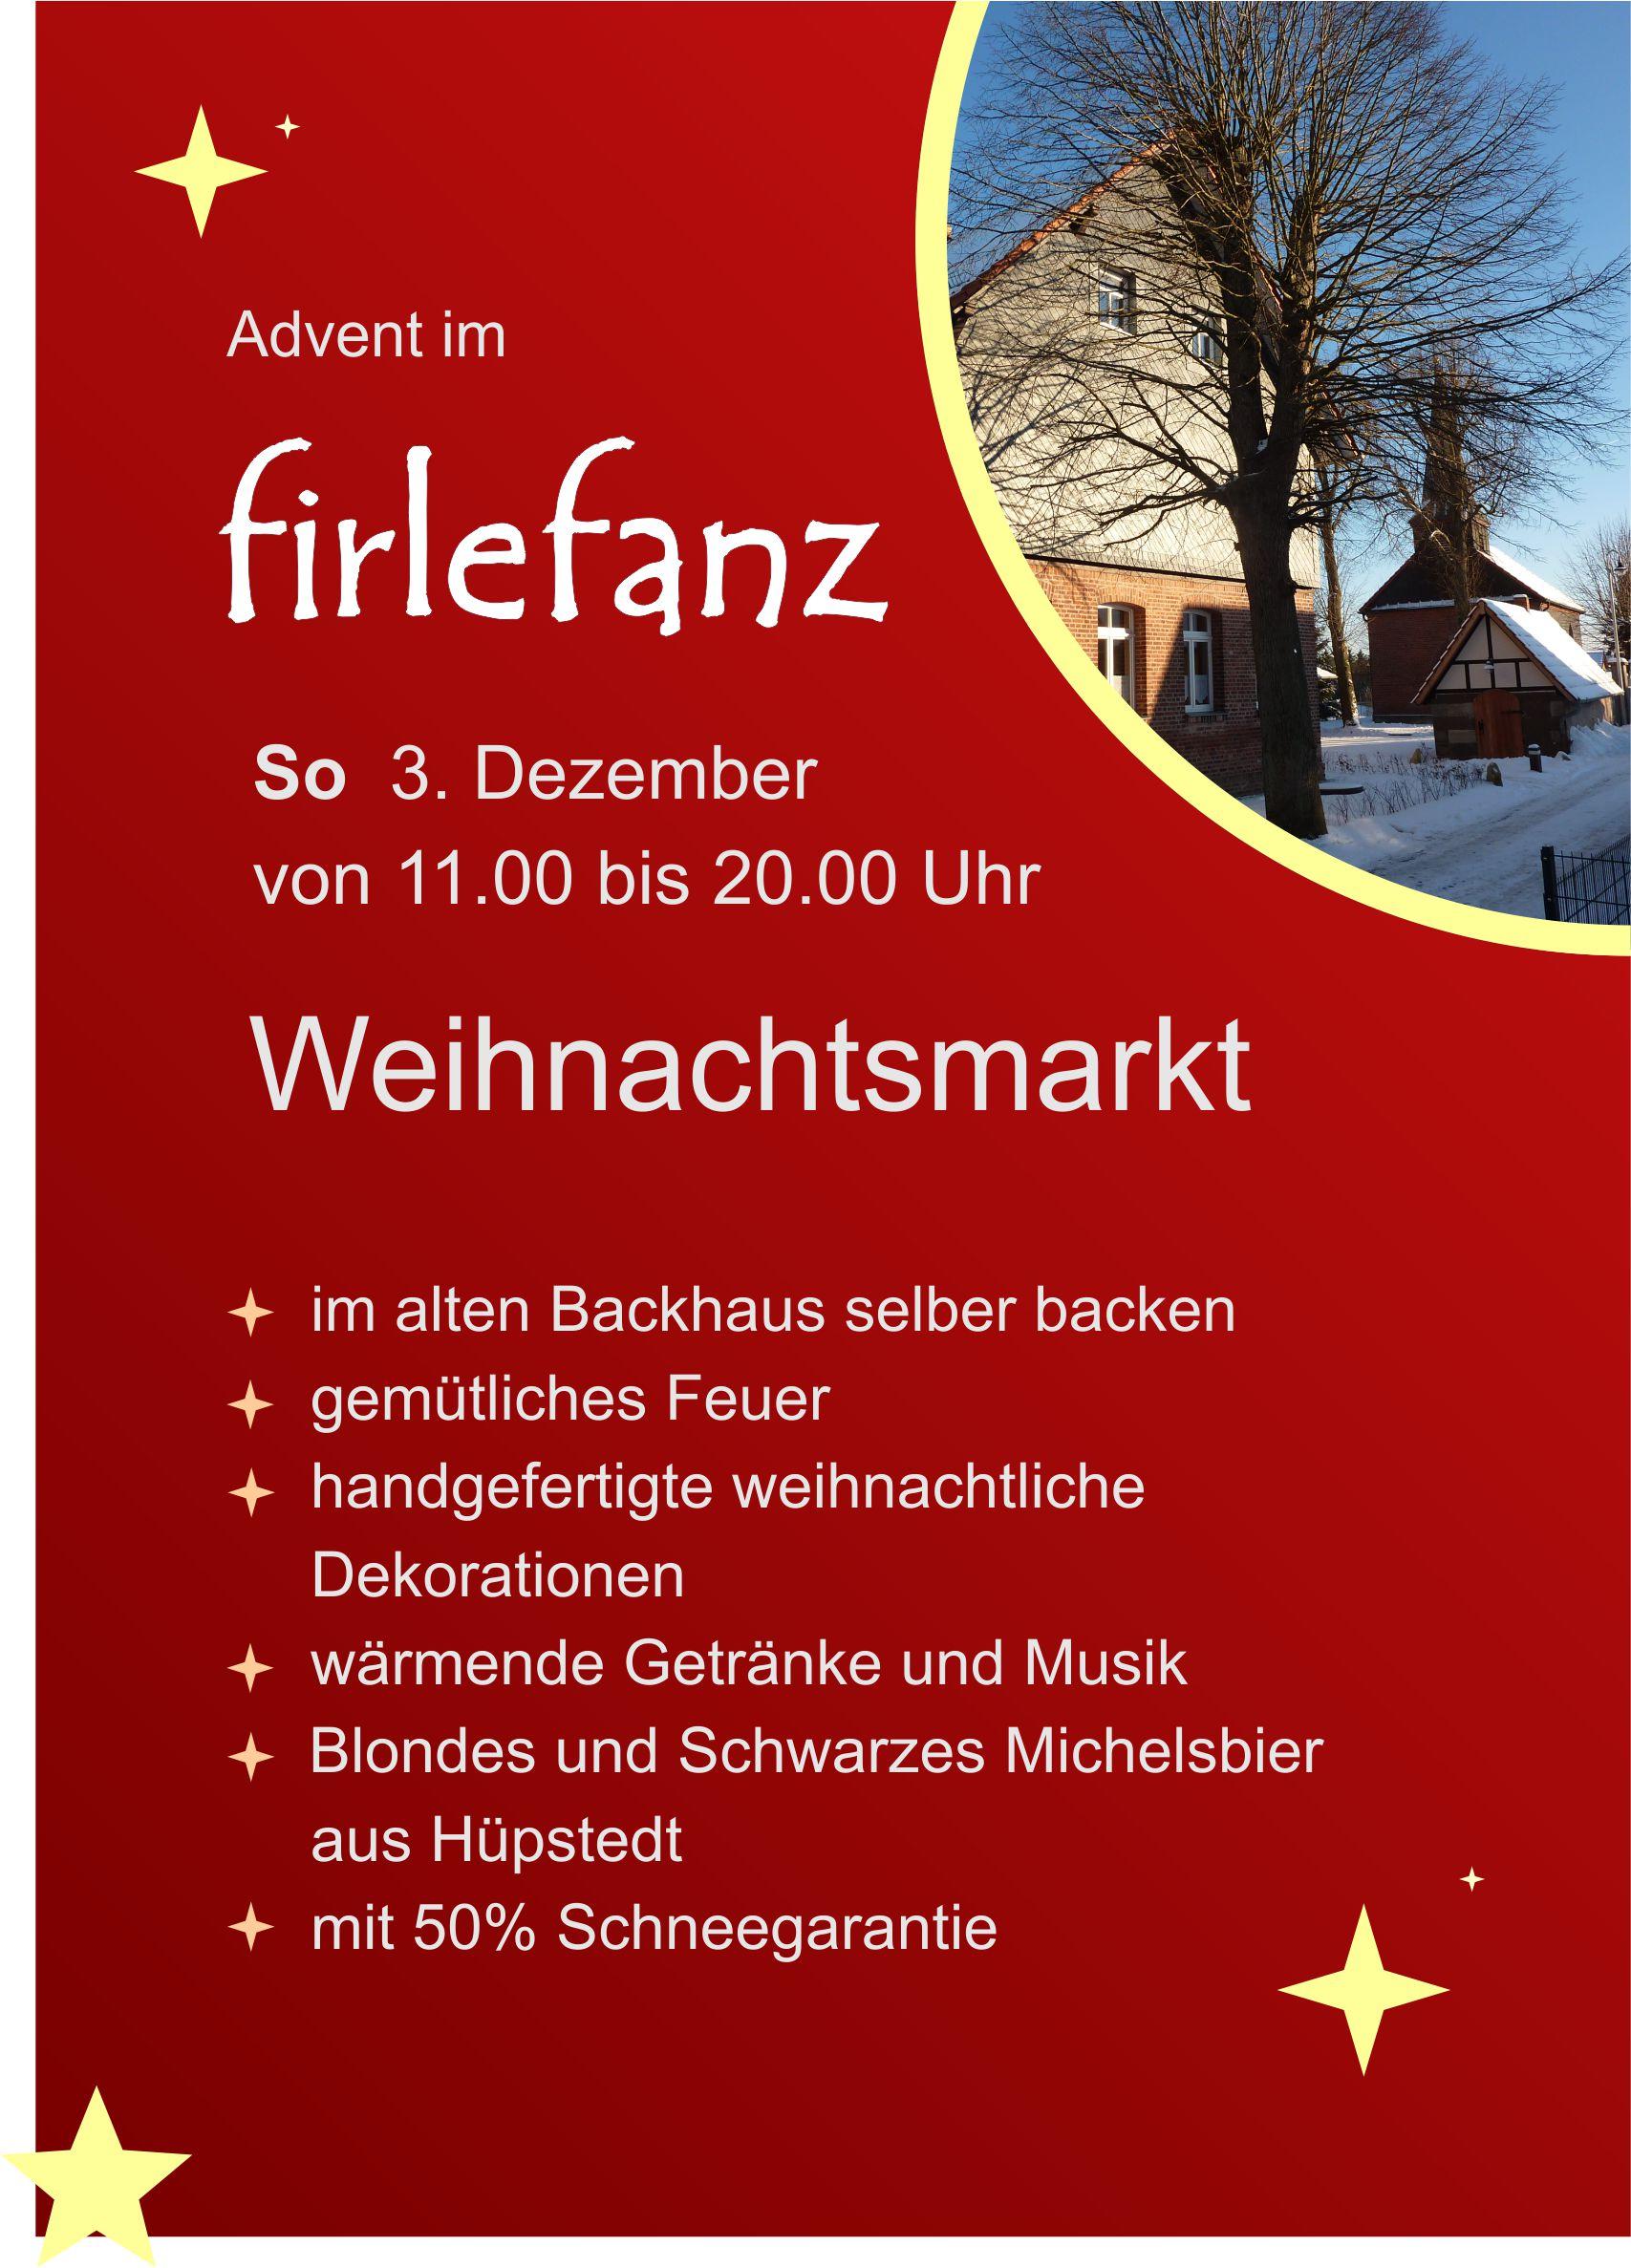 Weihnachtsmarkt 2017 - Gasthof Firlefanz